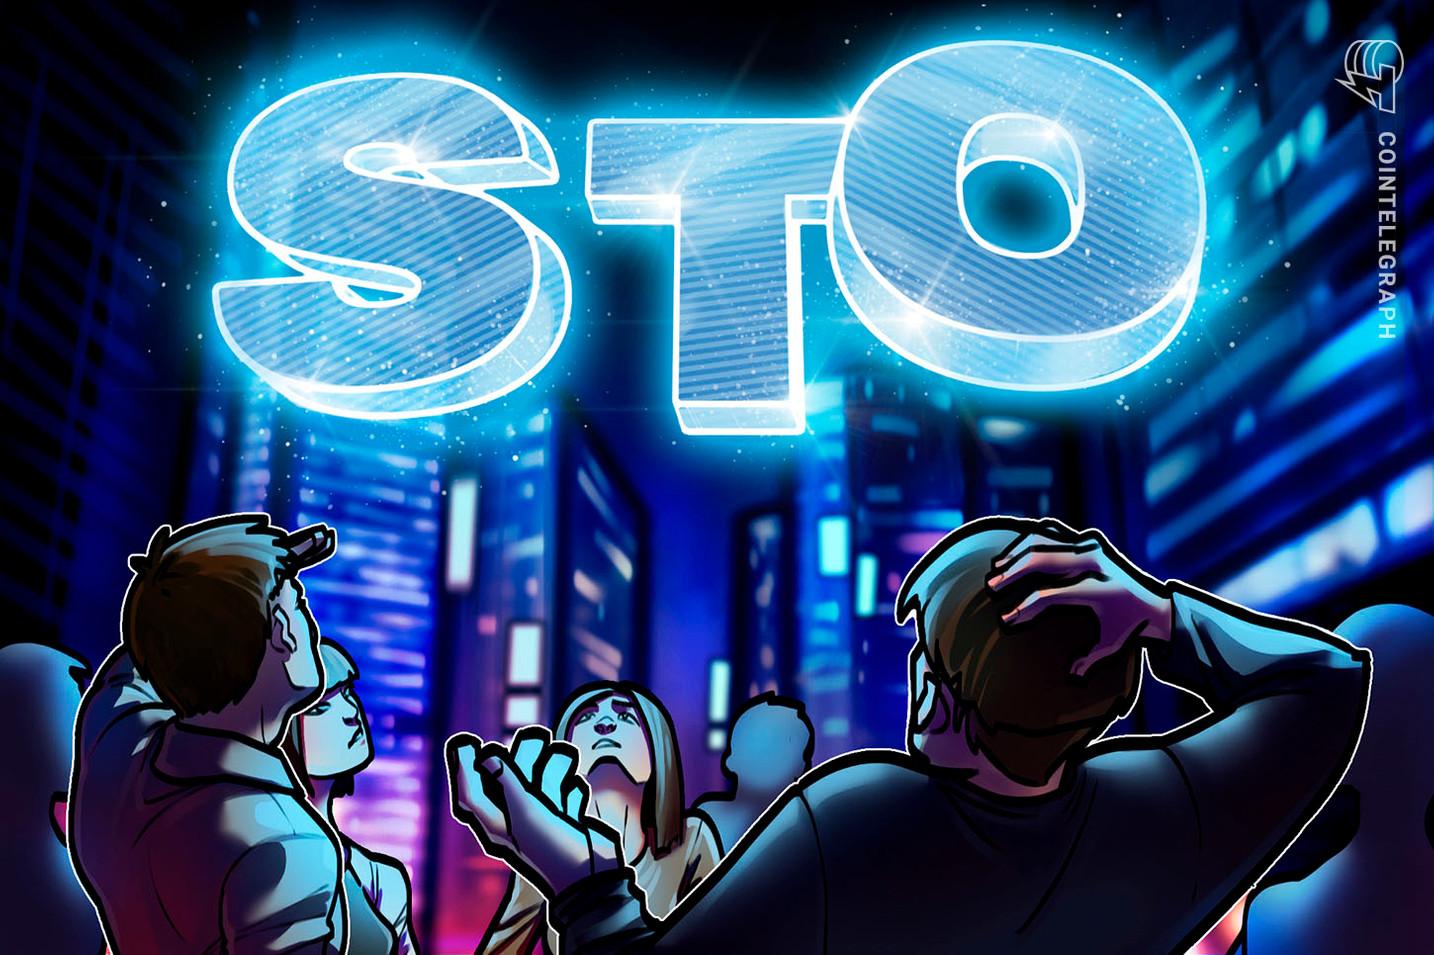 セキュリティトークン・STOの基礎知識 一般投資家もSTOで購入できる?